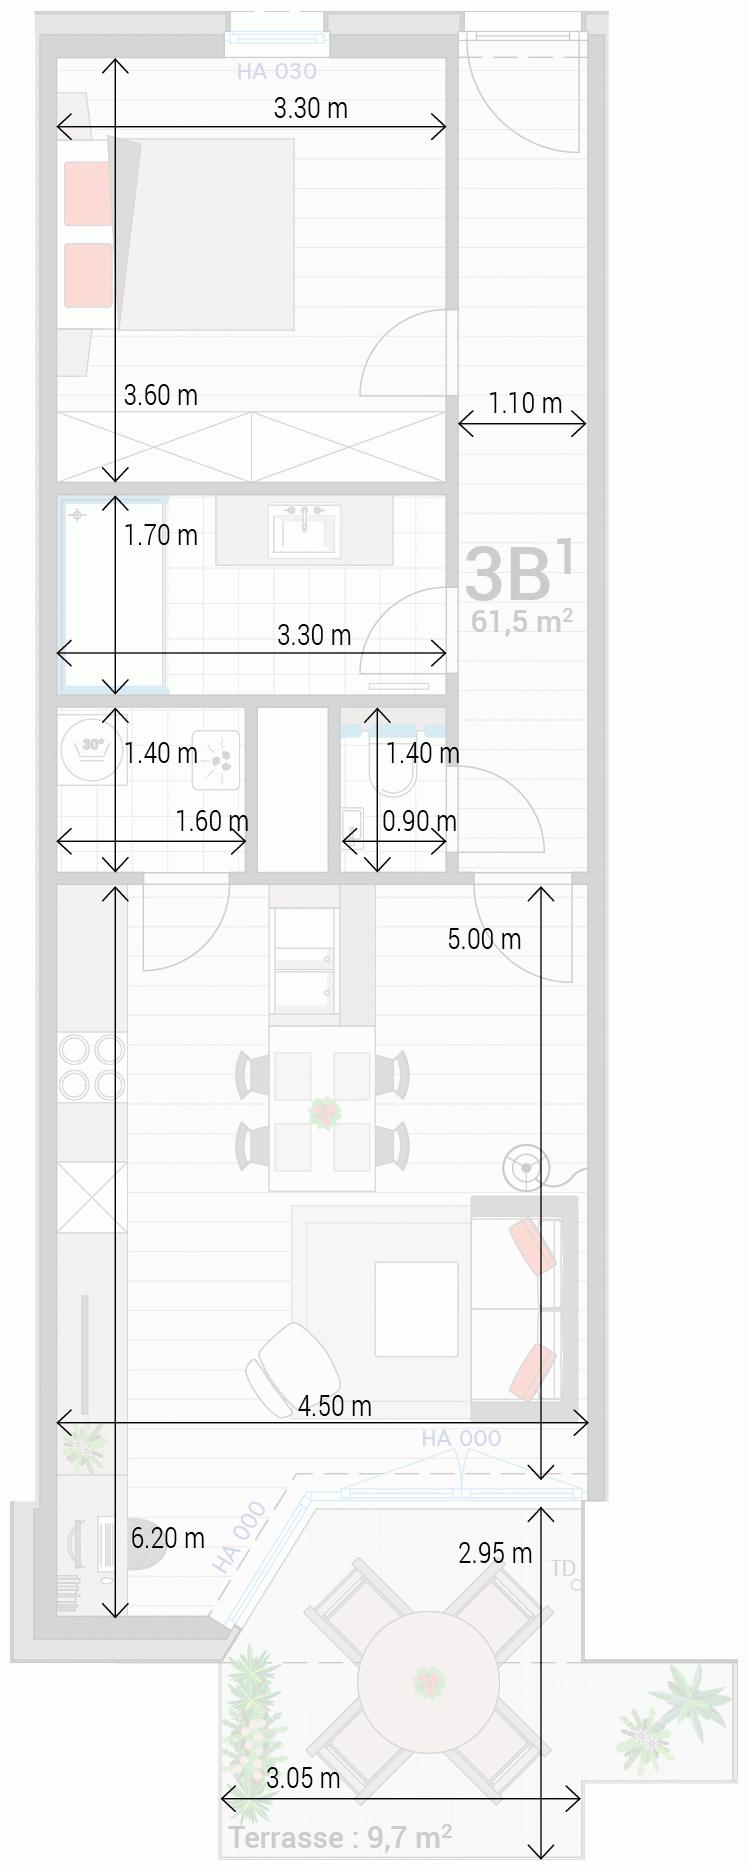 Appartement 3B